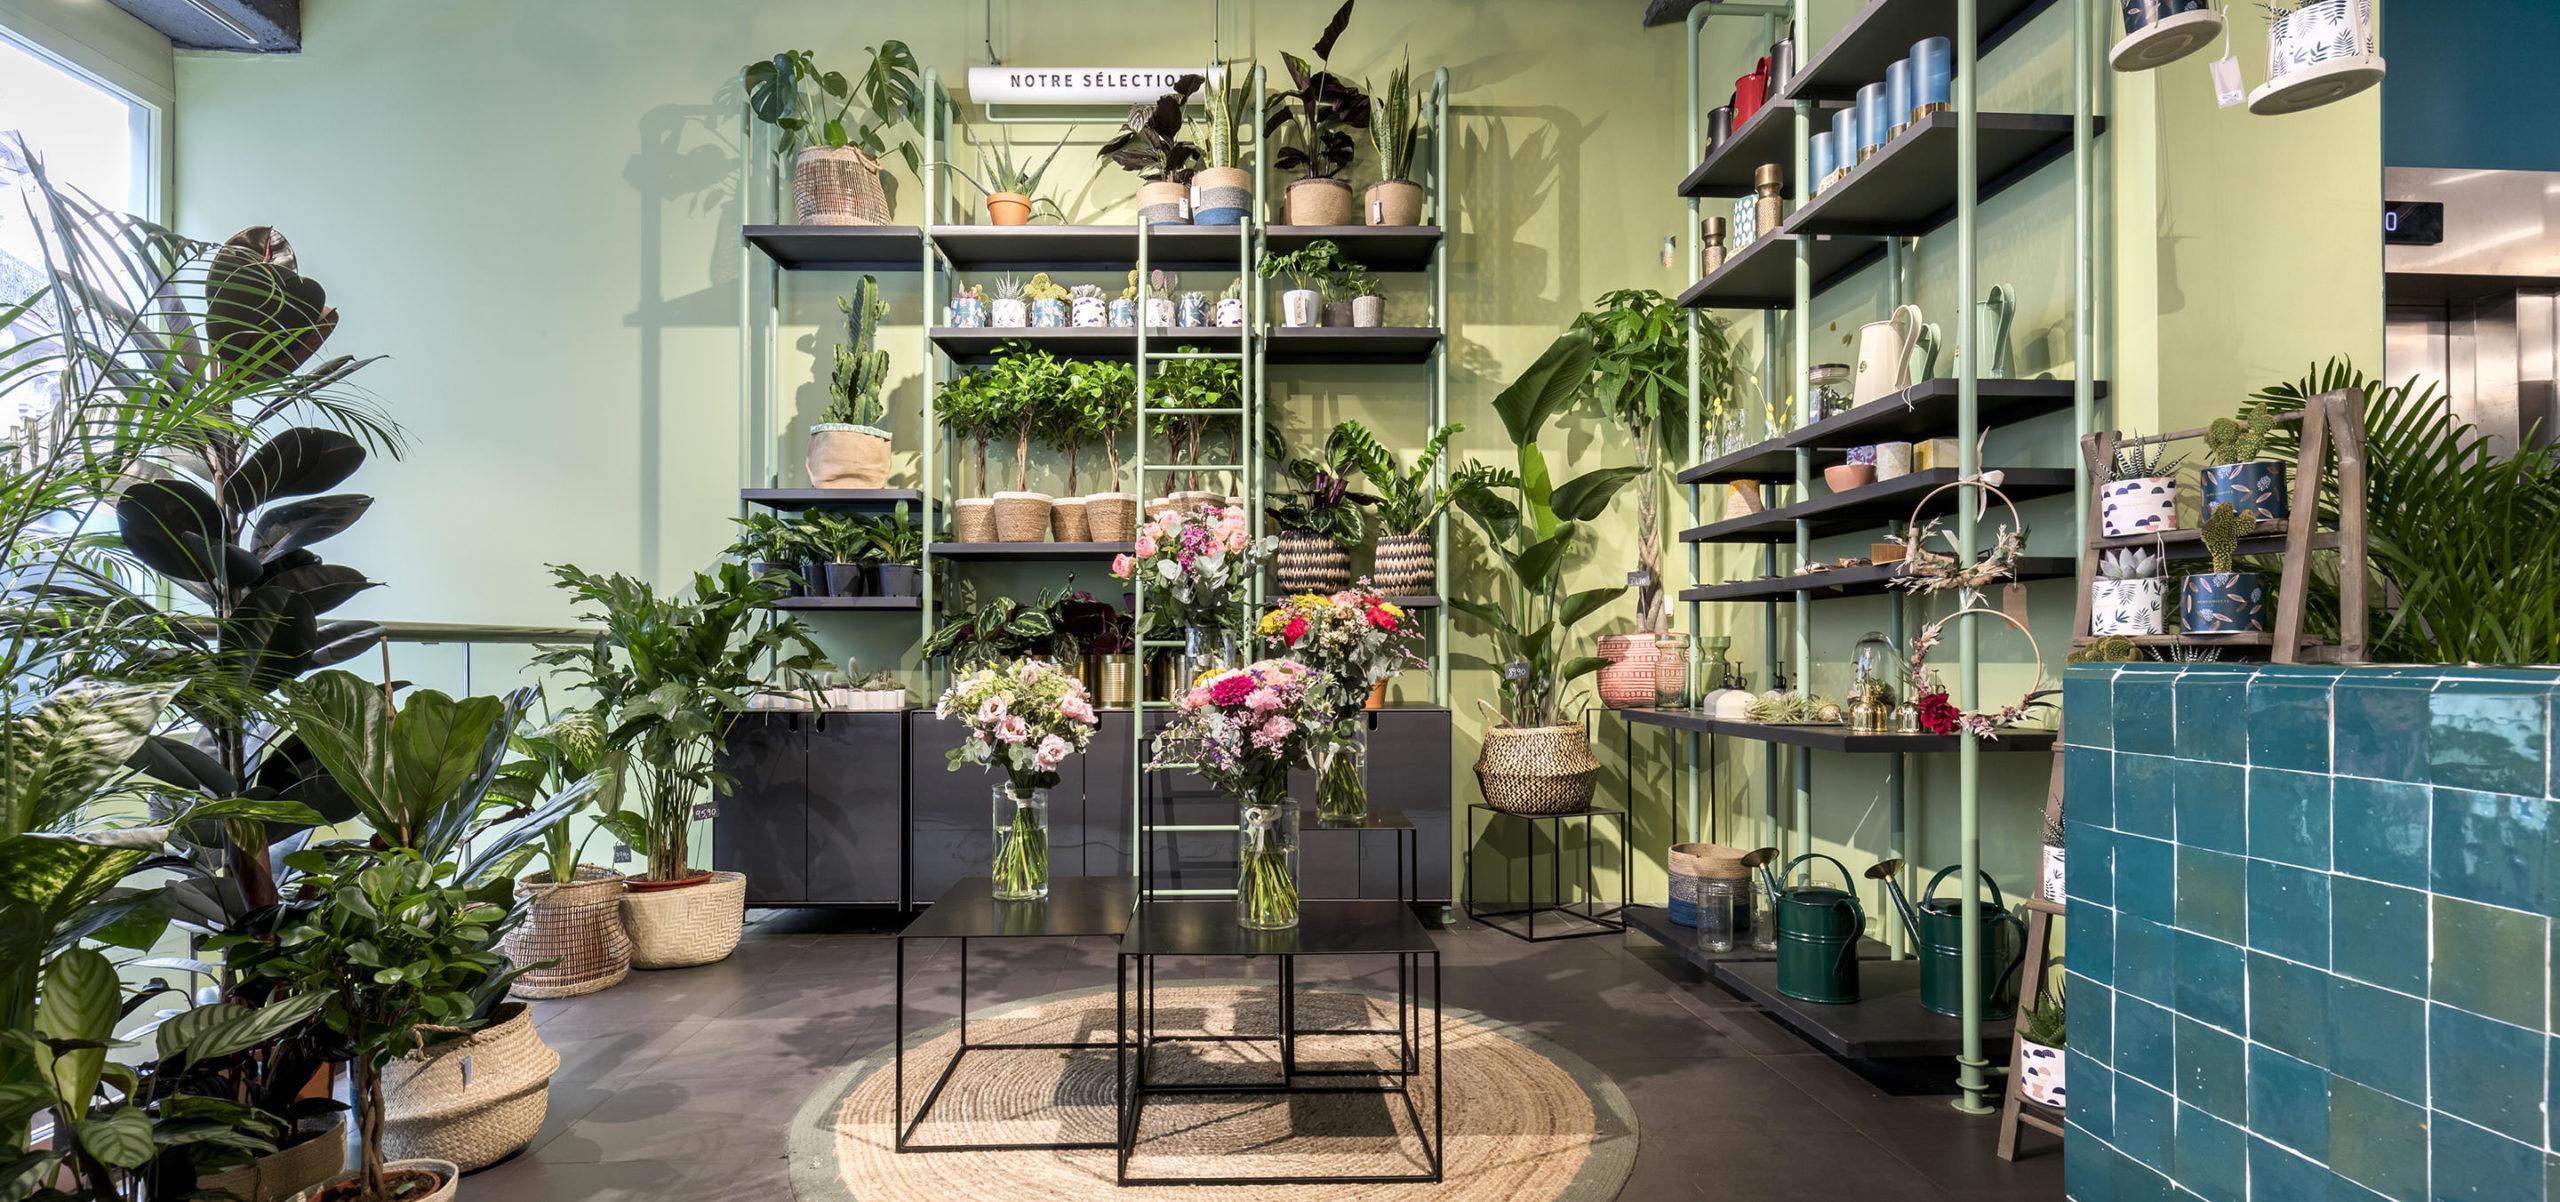 Label Experience: Grand espace d'exposition de plantes et décoration florale dans la « Maison Bergamotte » à Paris.